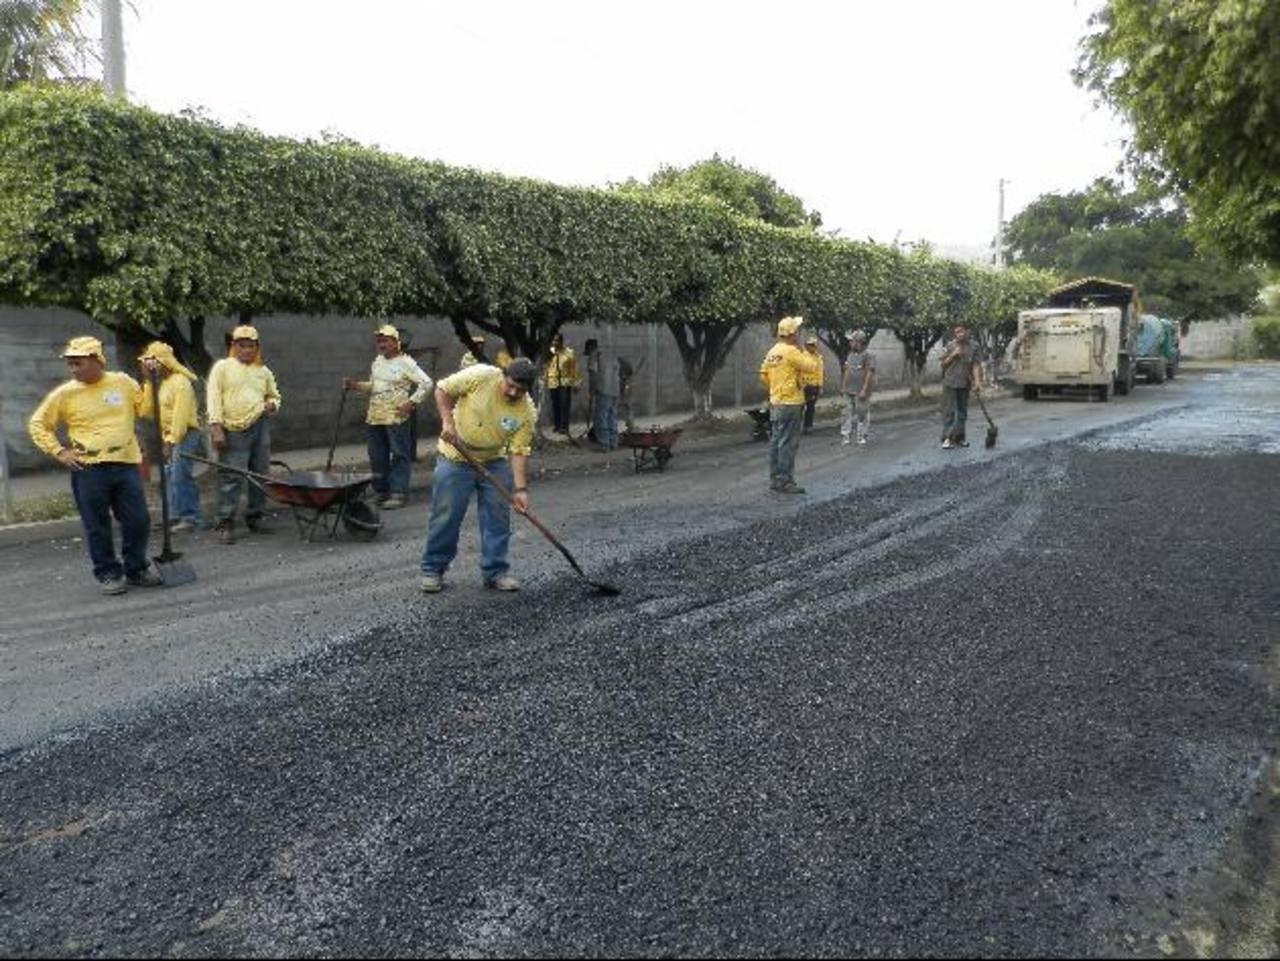 Los residentes de la colonia Alameda, al norte de Santa Ana, se favorecerán con el proyecto. Foto EDH / Milton jaco